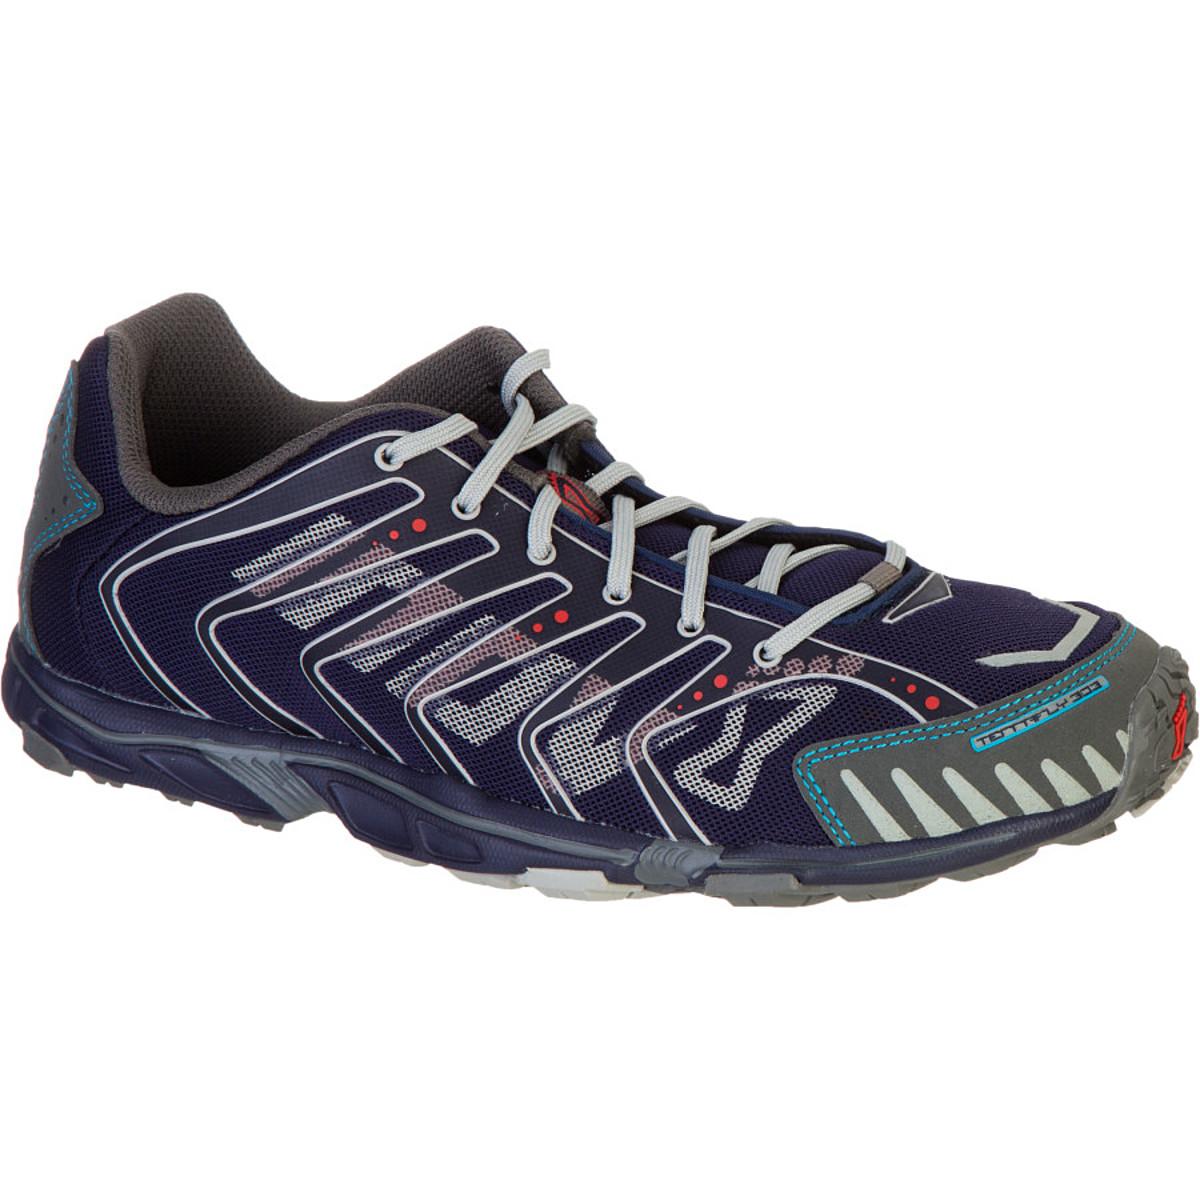 photo: Inov-8 Terrafly 303 trail running shoe